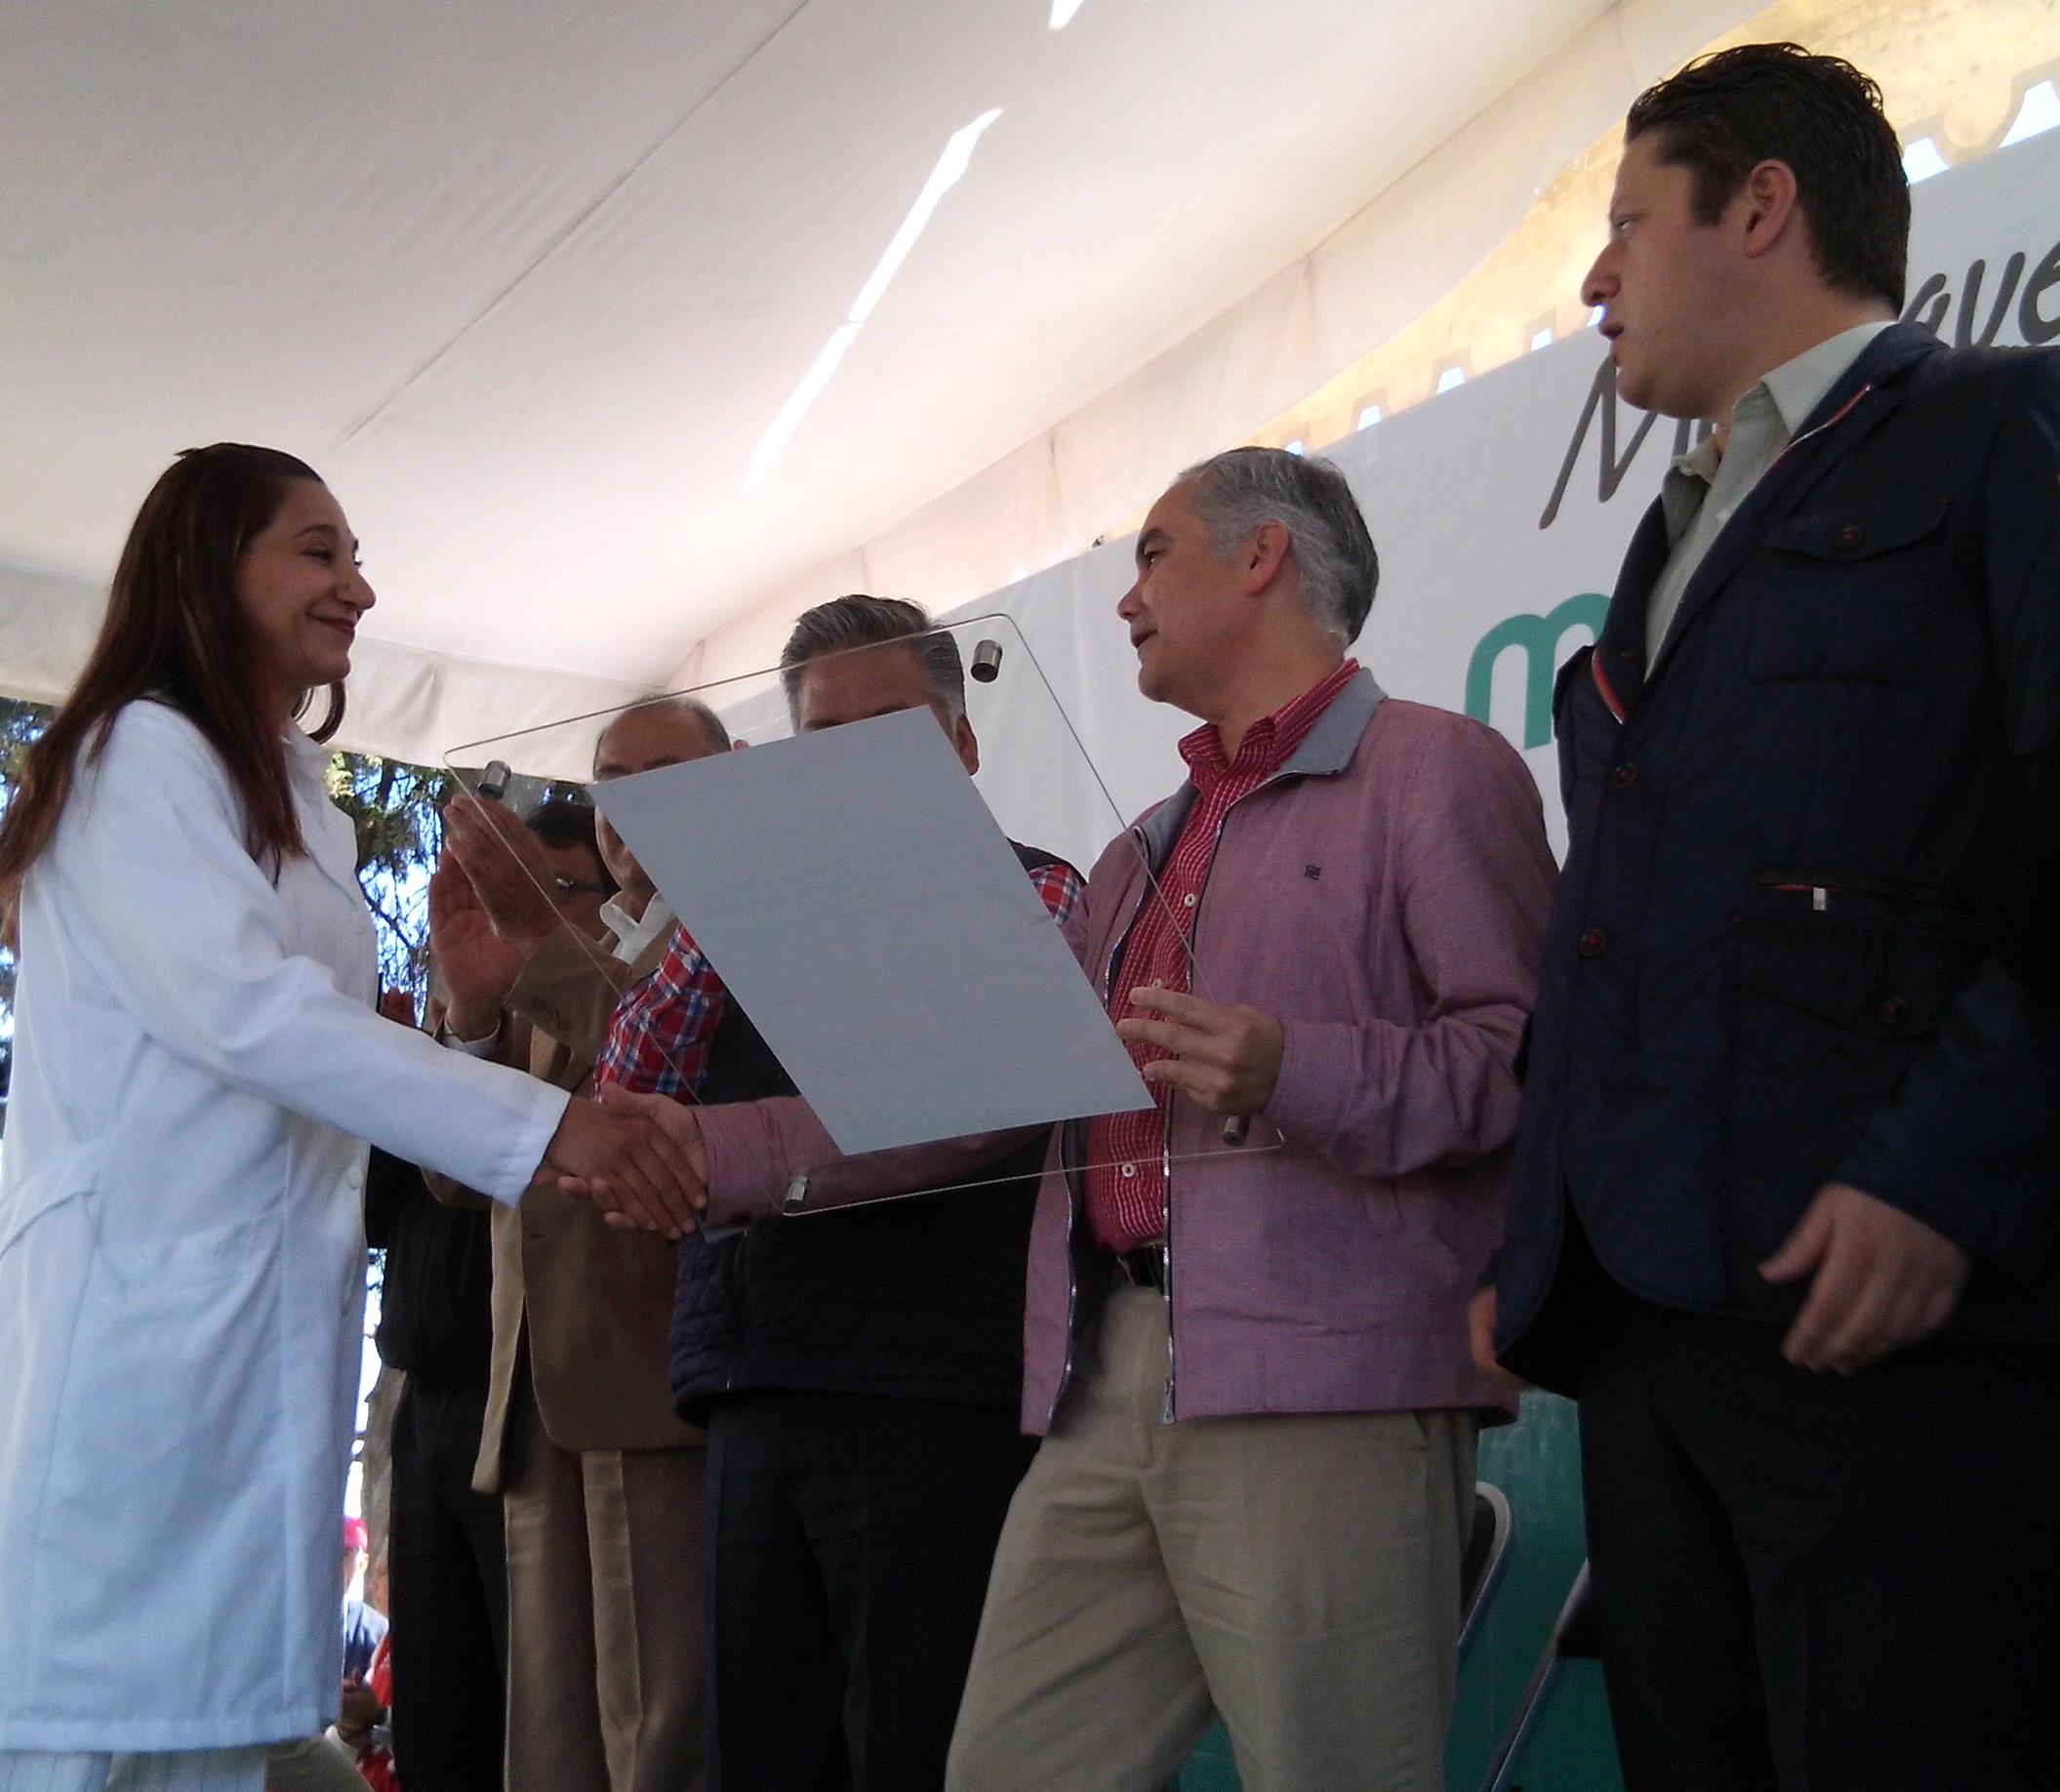 Certificados a unidades médicas que proporcionan servicios de salud